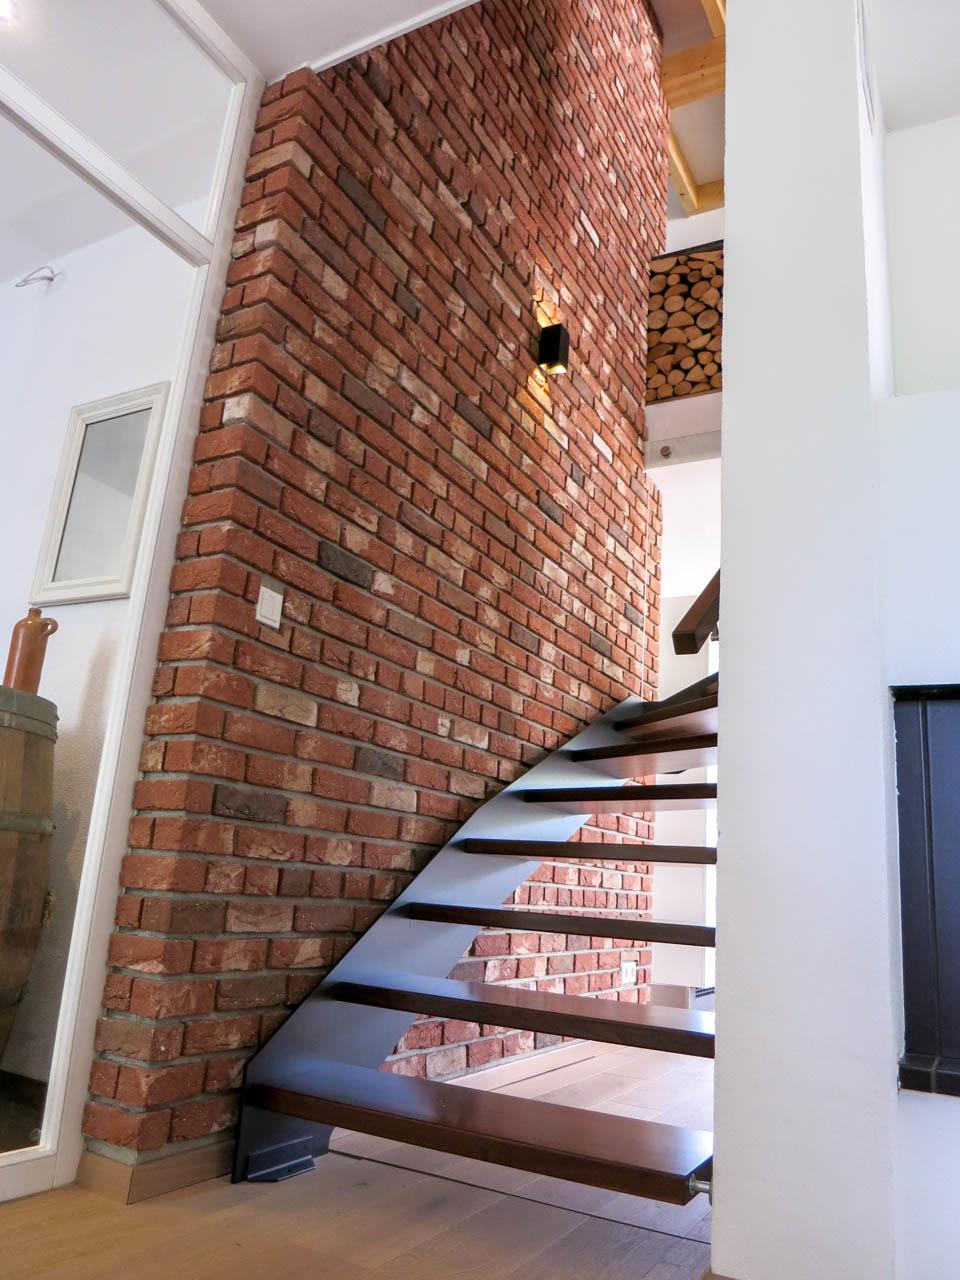 Treppenhaus Innenwand im Industriestyle mit Steinverblendern